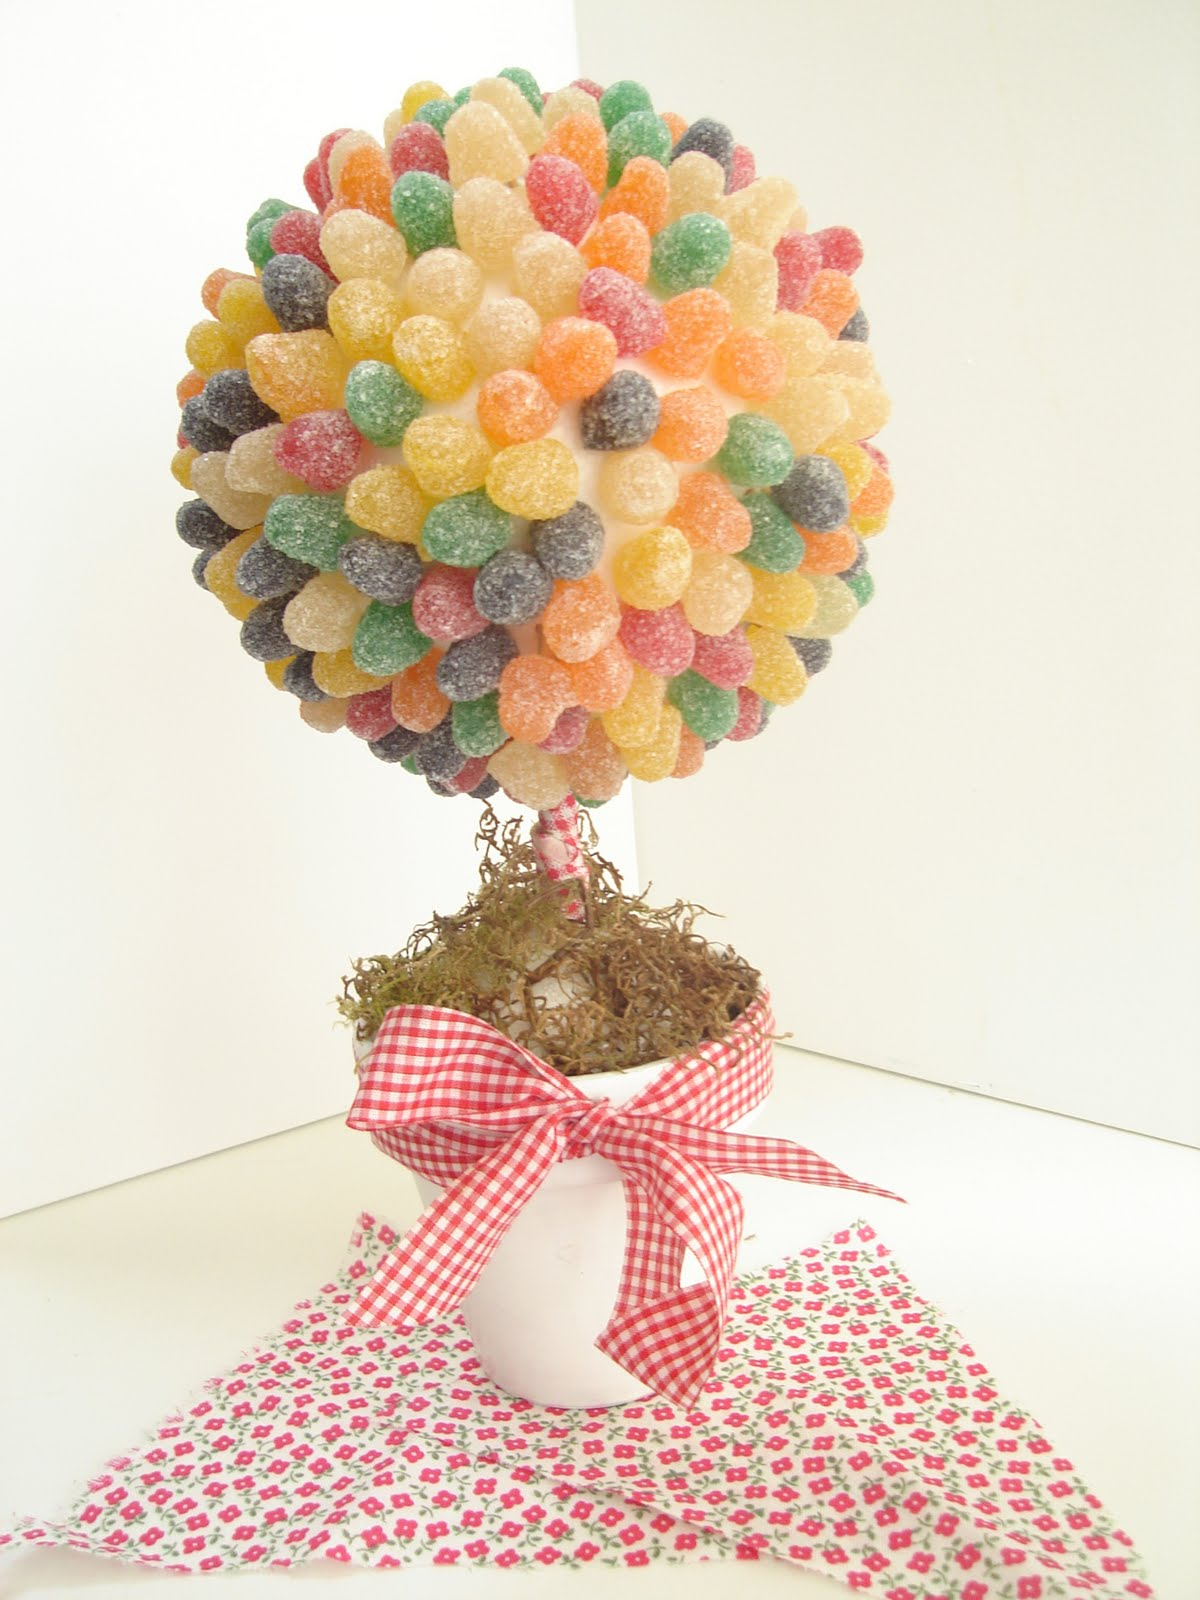 Mil claritas pasteler a dise o agosto 2010 - Manualidades para regalos ...